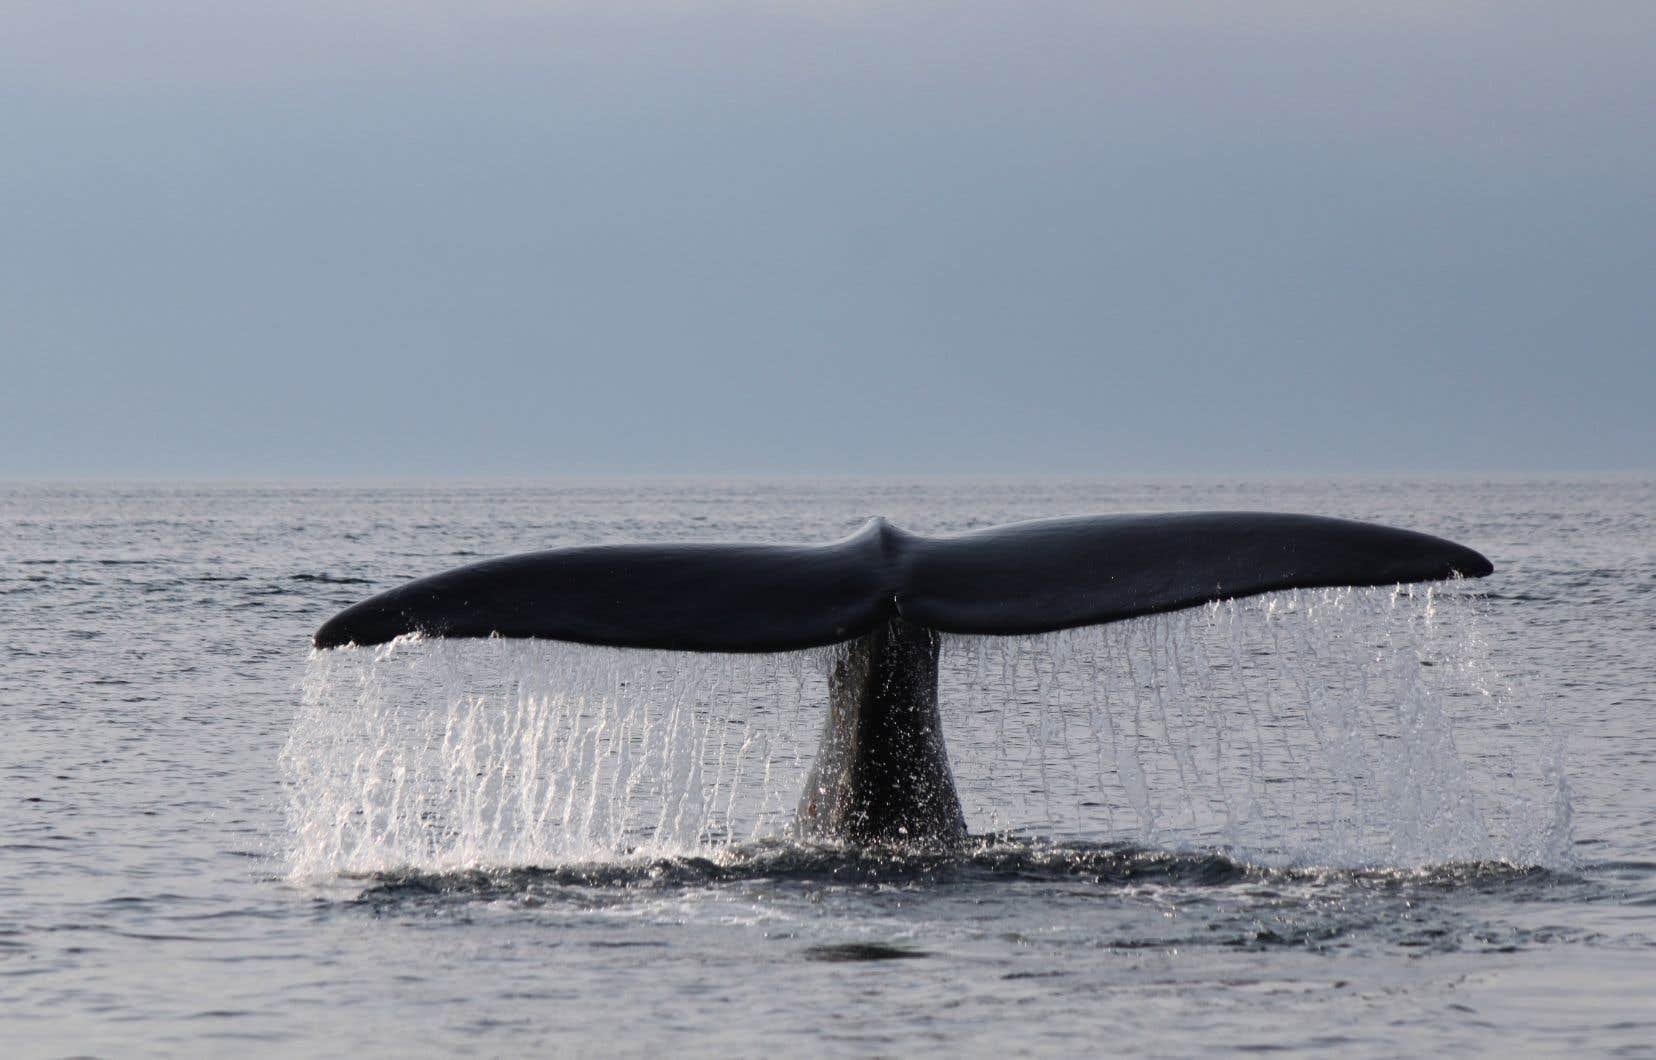 Cette année, huit baleines noires ont été retrouvées mortes dans les eaux canadiennes, sur une population estimée à environ 400.